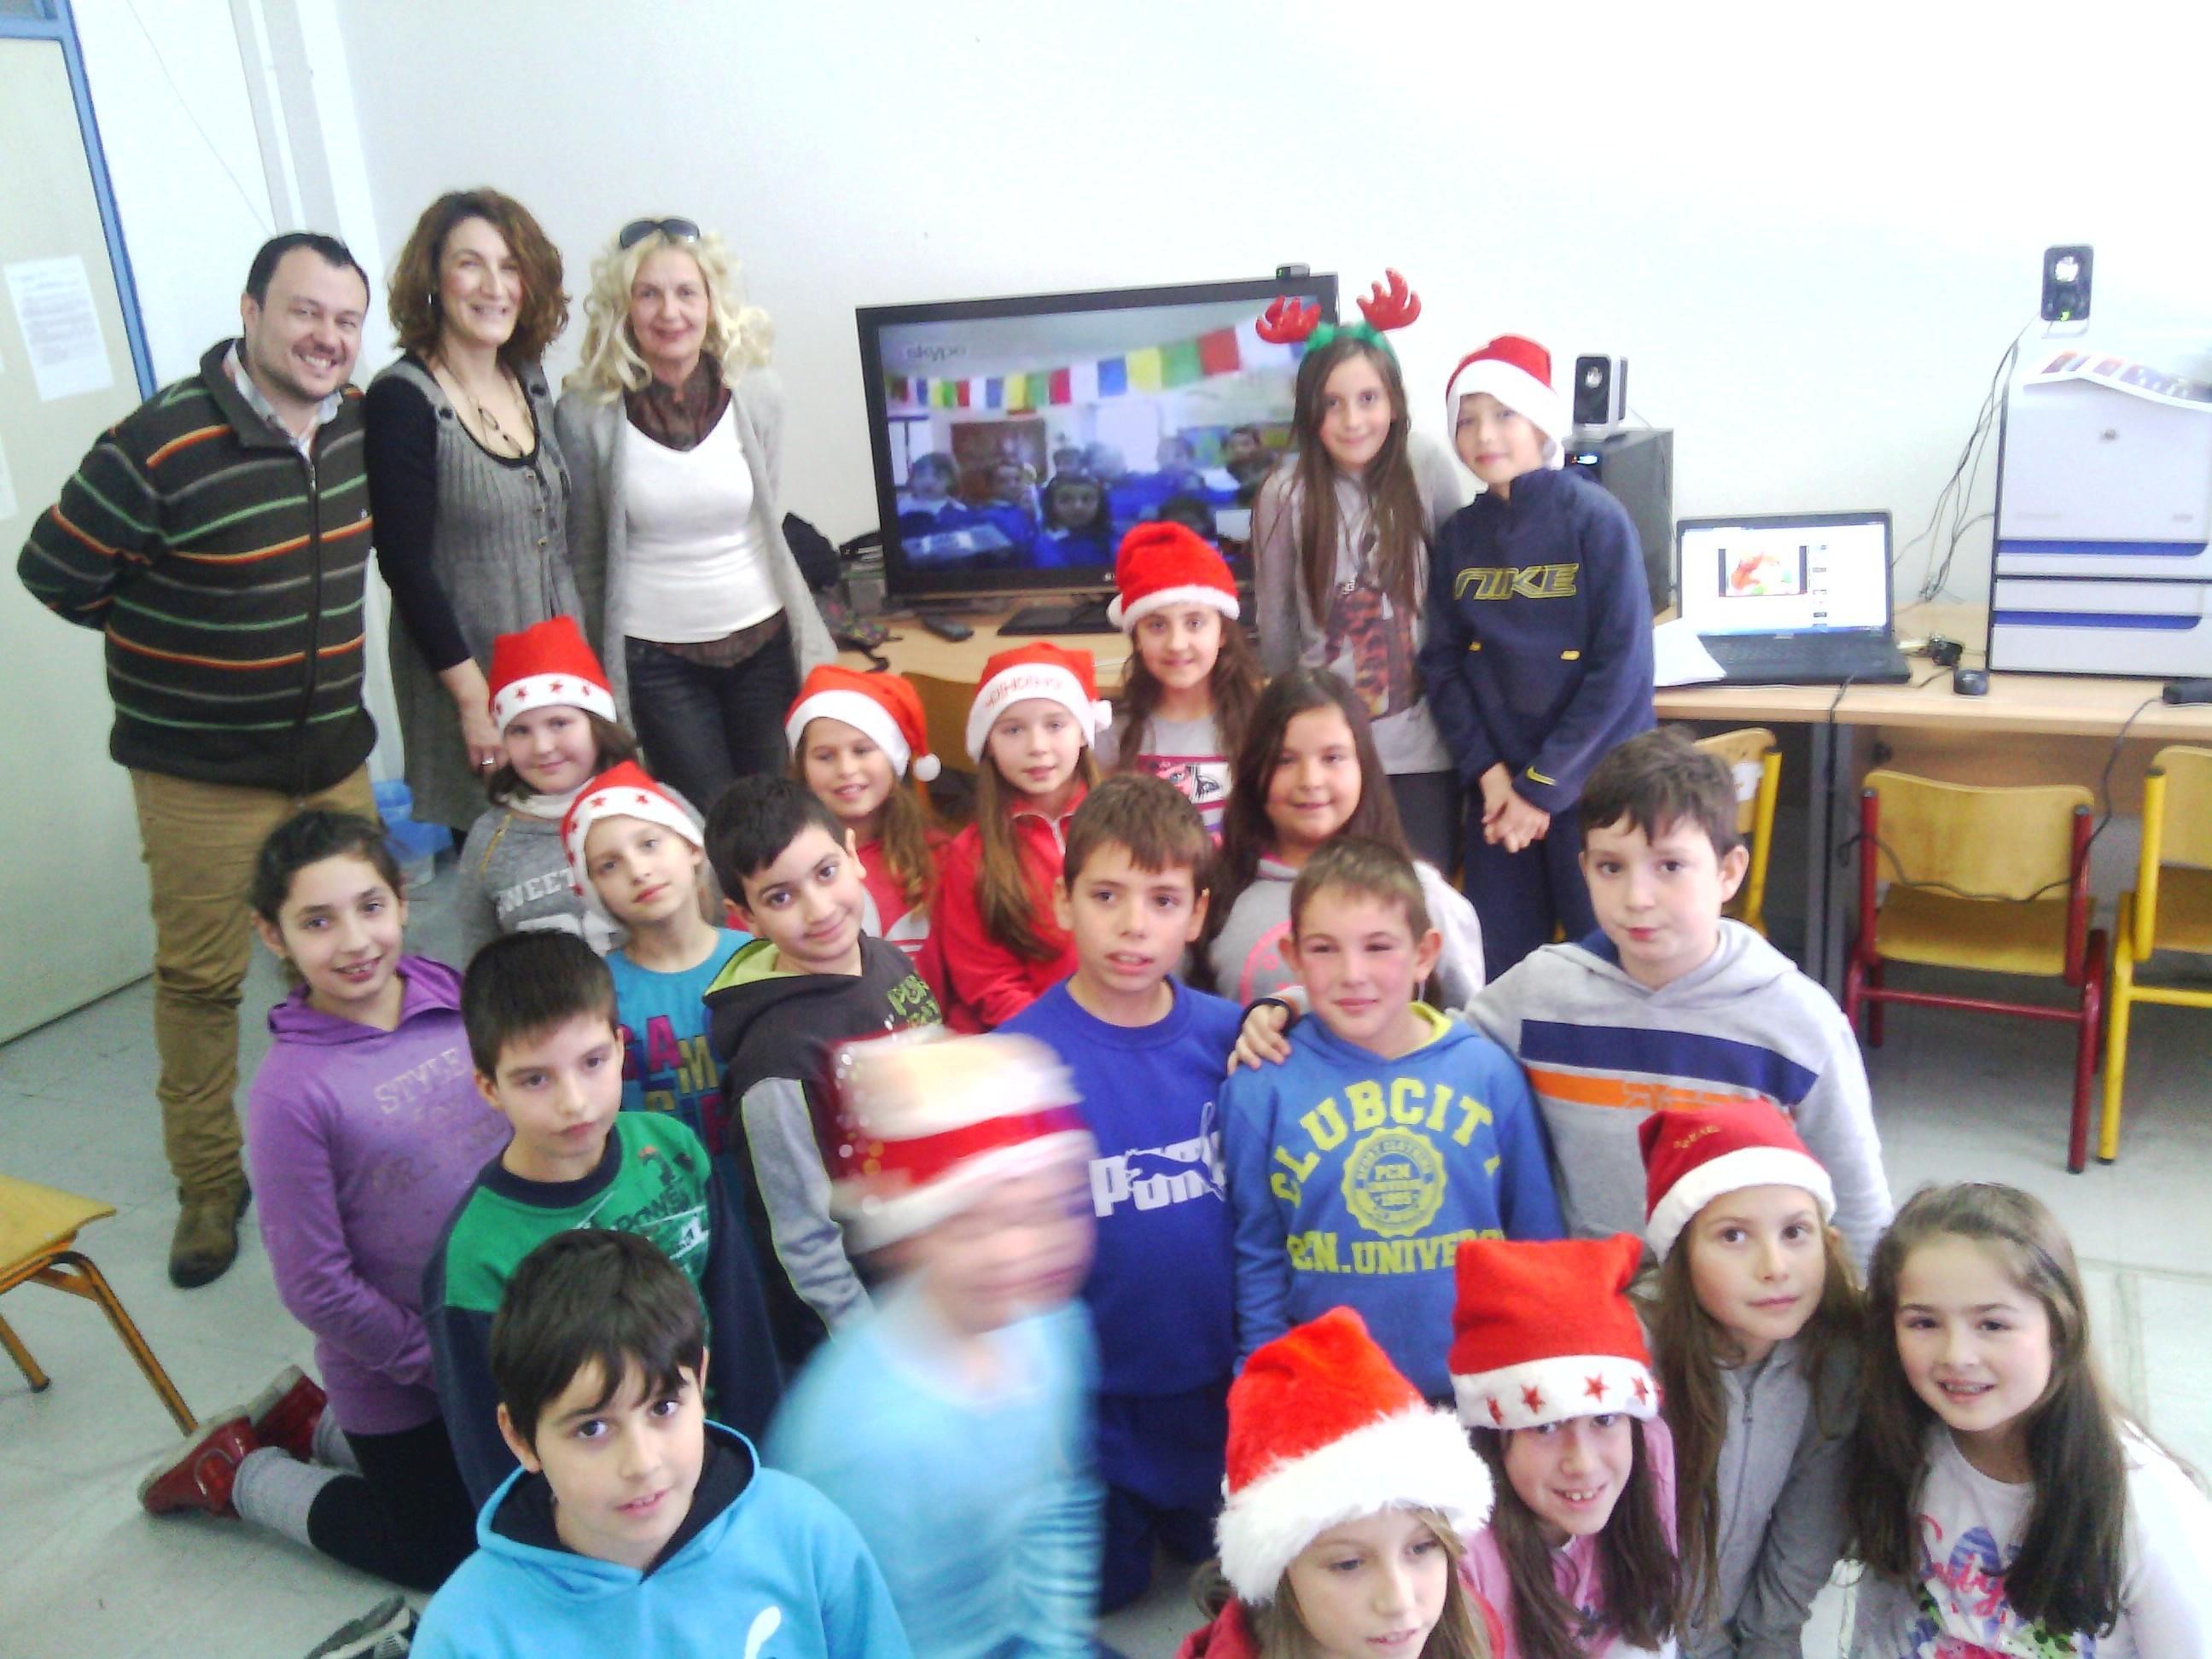 Τηλεδιάσκεψη της τετάρτης τάξης του 2ου δημοτικού σχολείου Γρεβενών με δημοτικό σχολείο της Ιταλίας